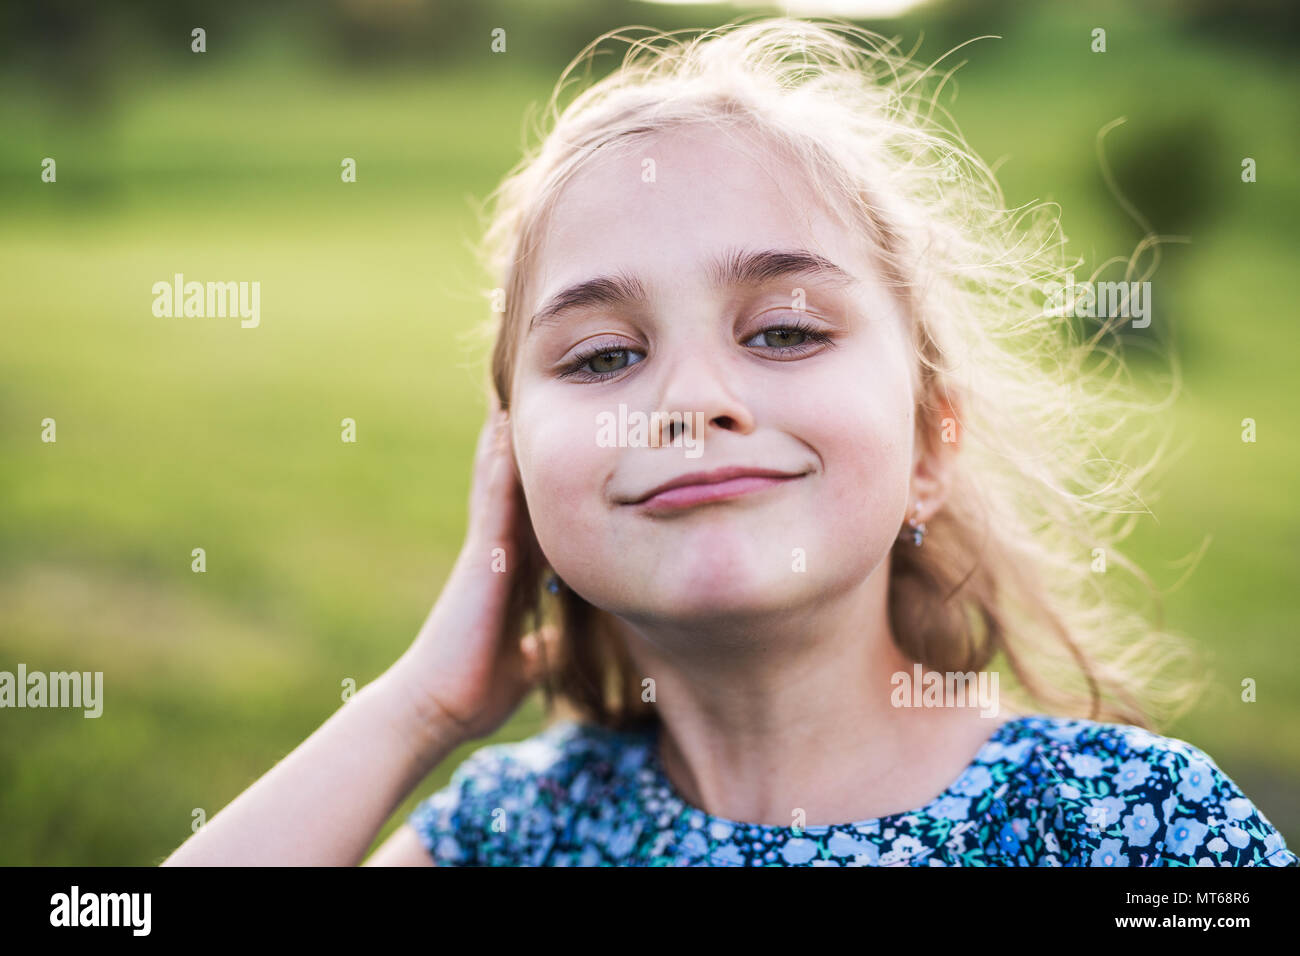 Una piccola ragazza in giardino in primavera la natura. Immagini Stock